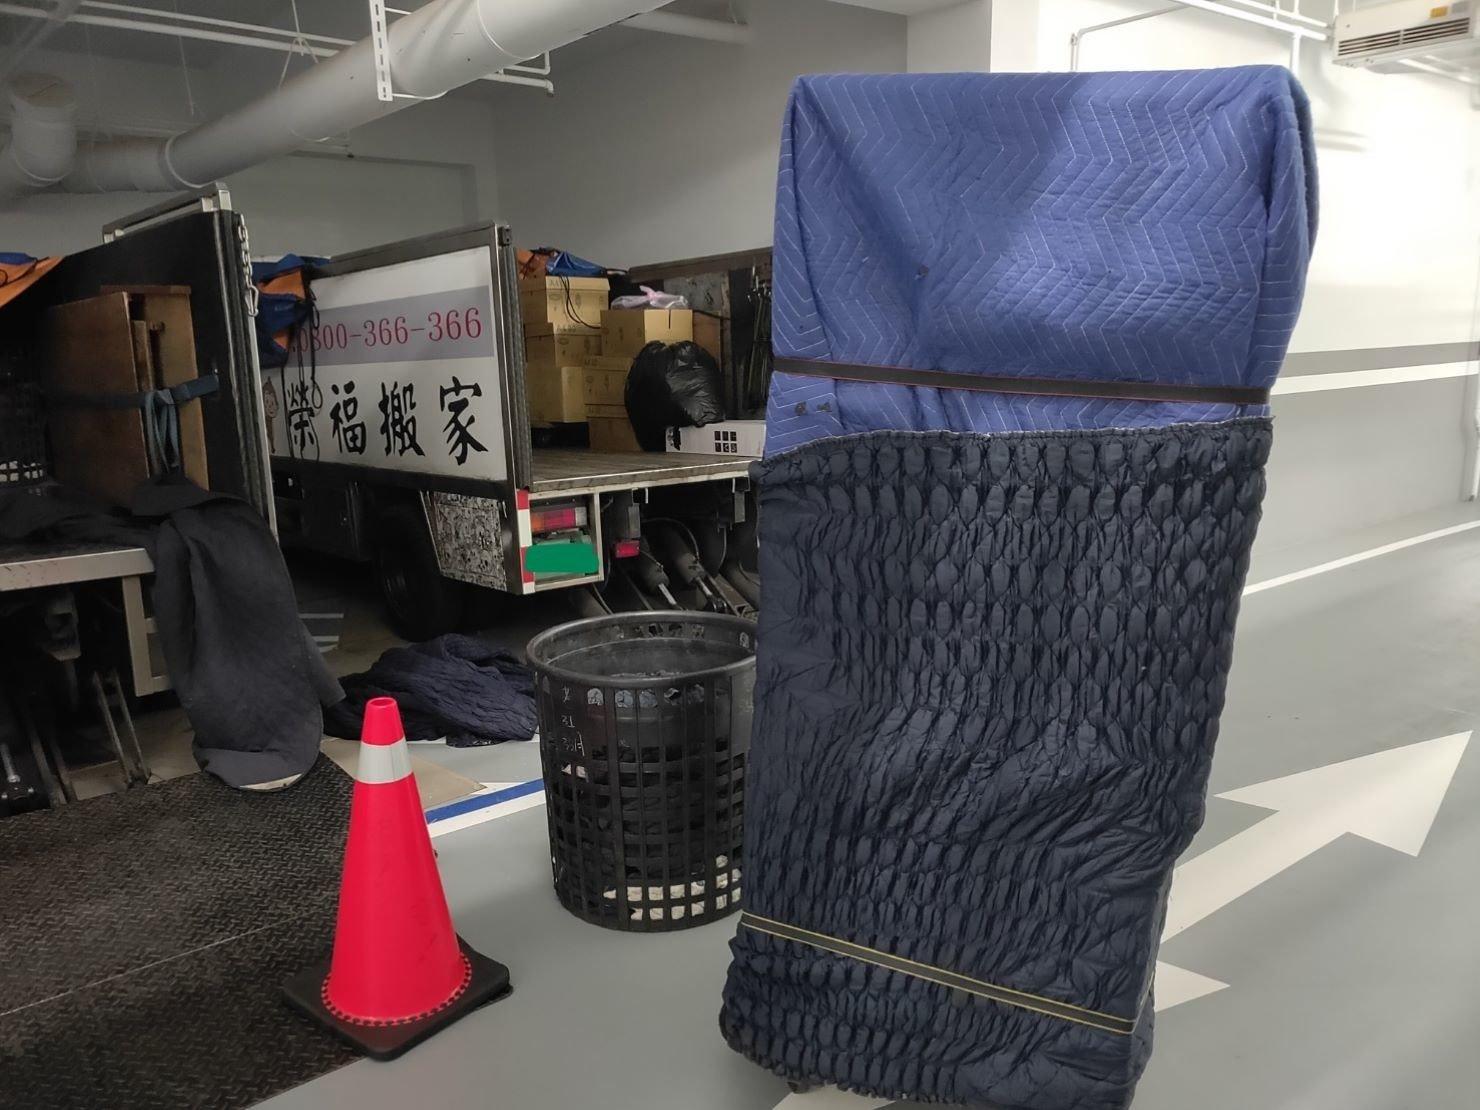 搬冰箱推薦【榮福搬家公司】家庭搬家、精搬金庫、搬保險櫃、精搬魚缸、跨縣搬家、搬工派遣、搬床墊、搬冰箱、搬家具、搬家首選、吊掛搬運、吊家具搬運、台北搬家公司推薦:大台北搬家,精緻包裝搬運「細膩包裝、專業搬運、用心服務、以客為尊」是榮福搬家公司的宗旨與精神。歡迎立即來電02-2651-2727專人服務。